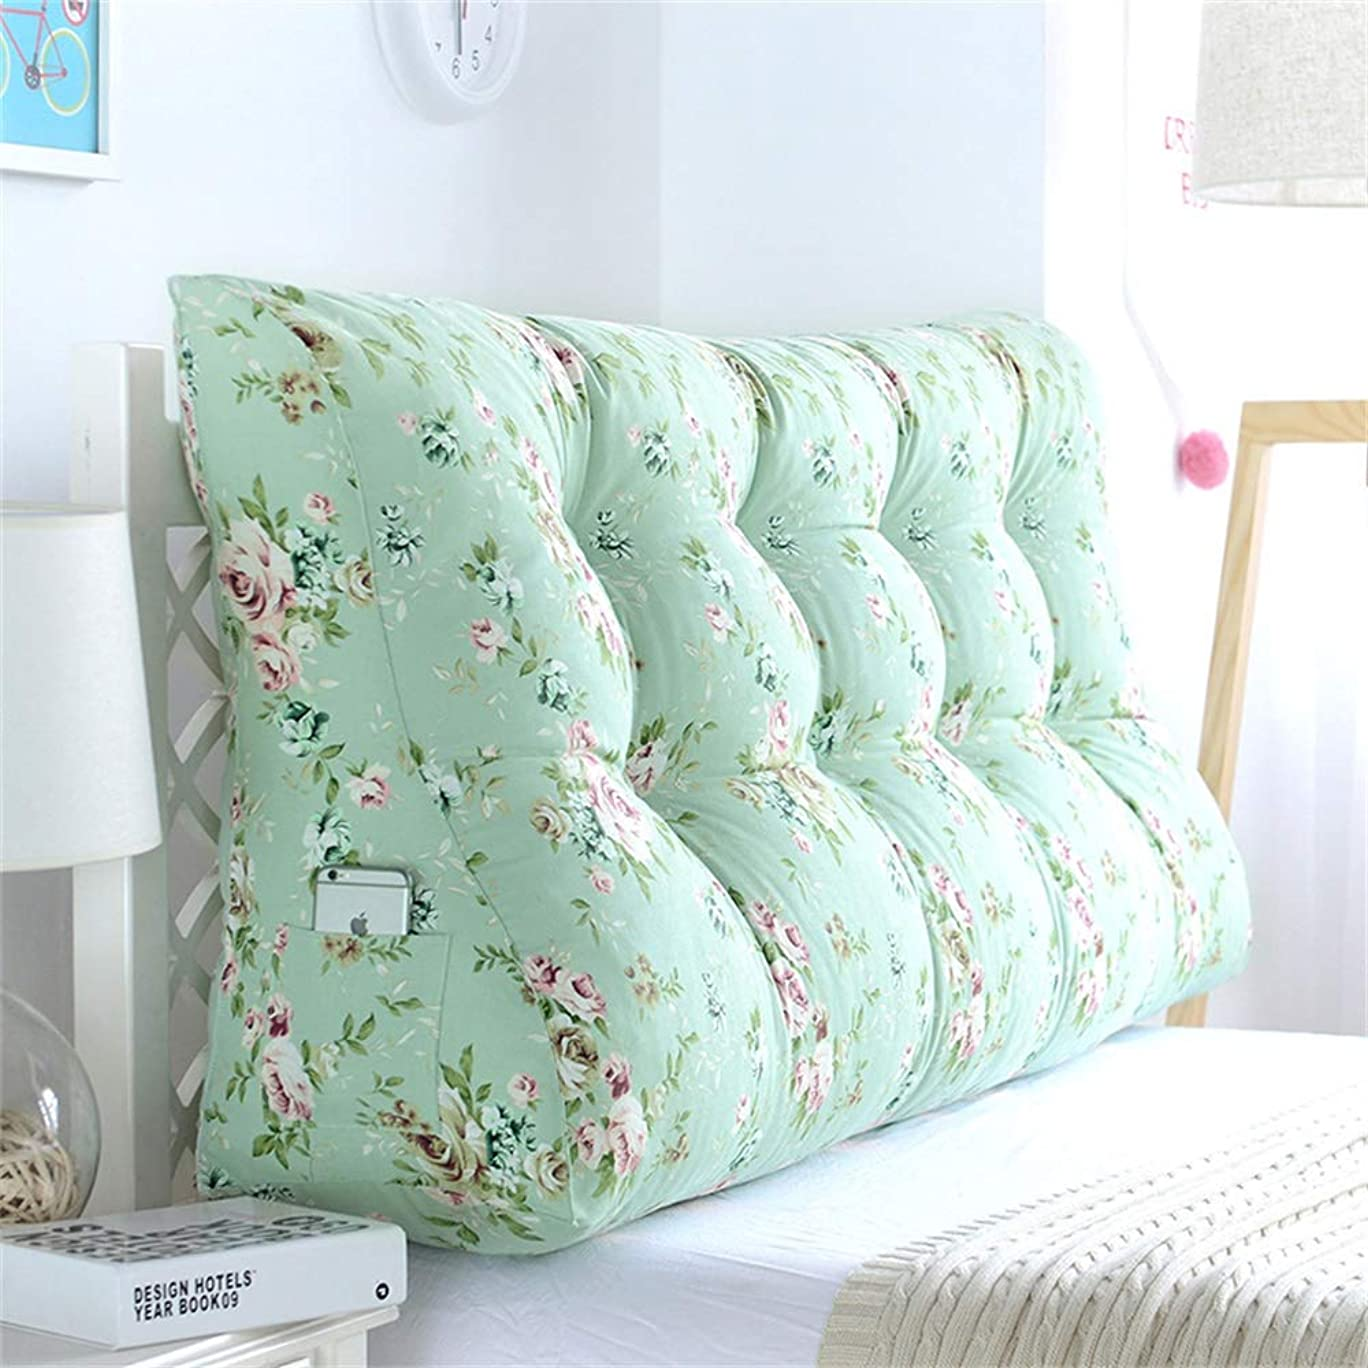 クローン免疫するパテGLP ベッドサイドクッション三角背もたれ腰のソファ大きな枕張りパッド22色&8サイズで取り外し可能 (Color : S, Size : 150x30x60cm)